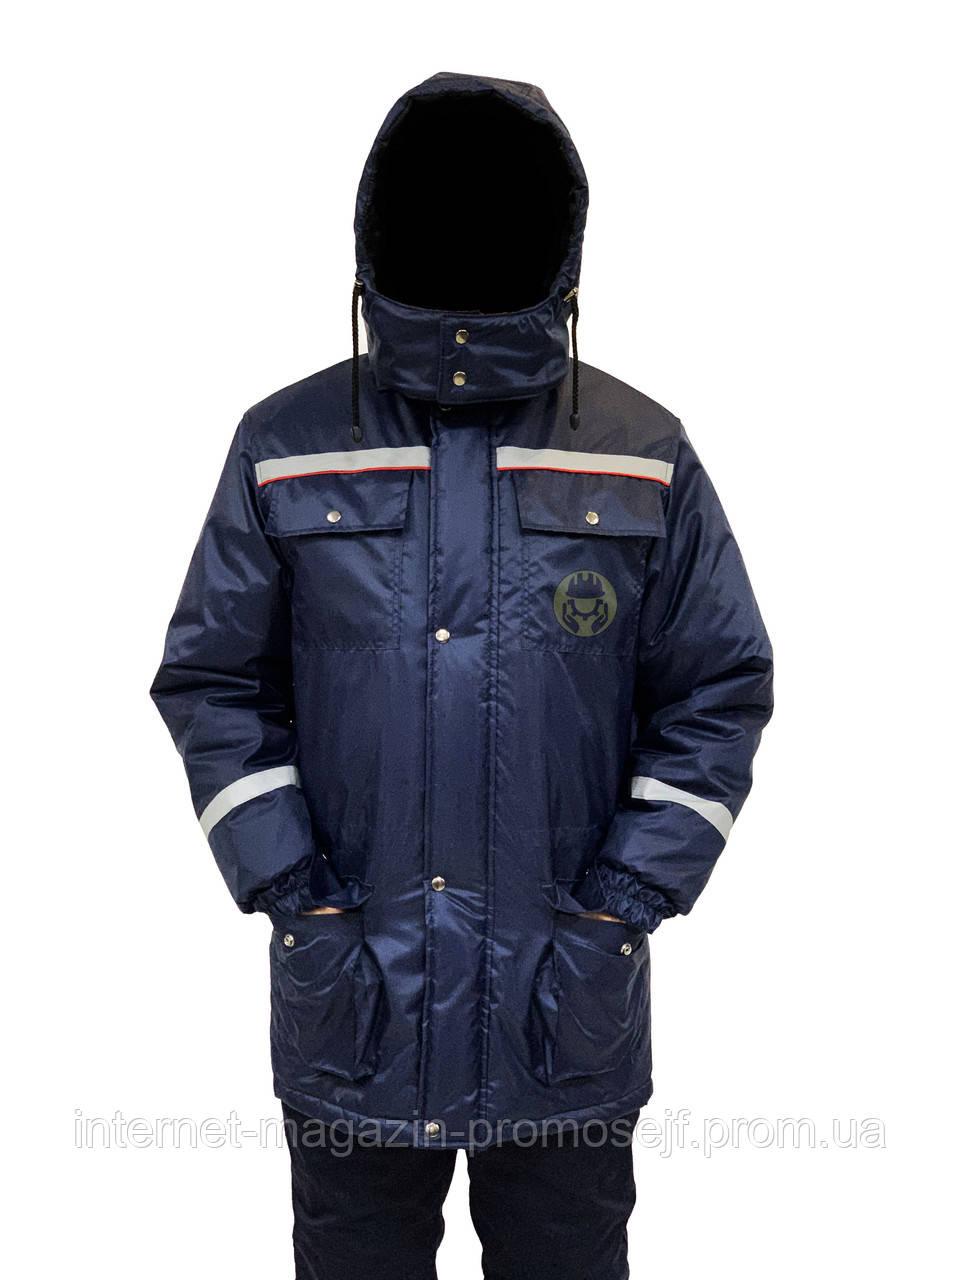 Куртка рабочая утепленная «Атланта»